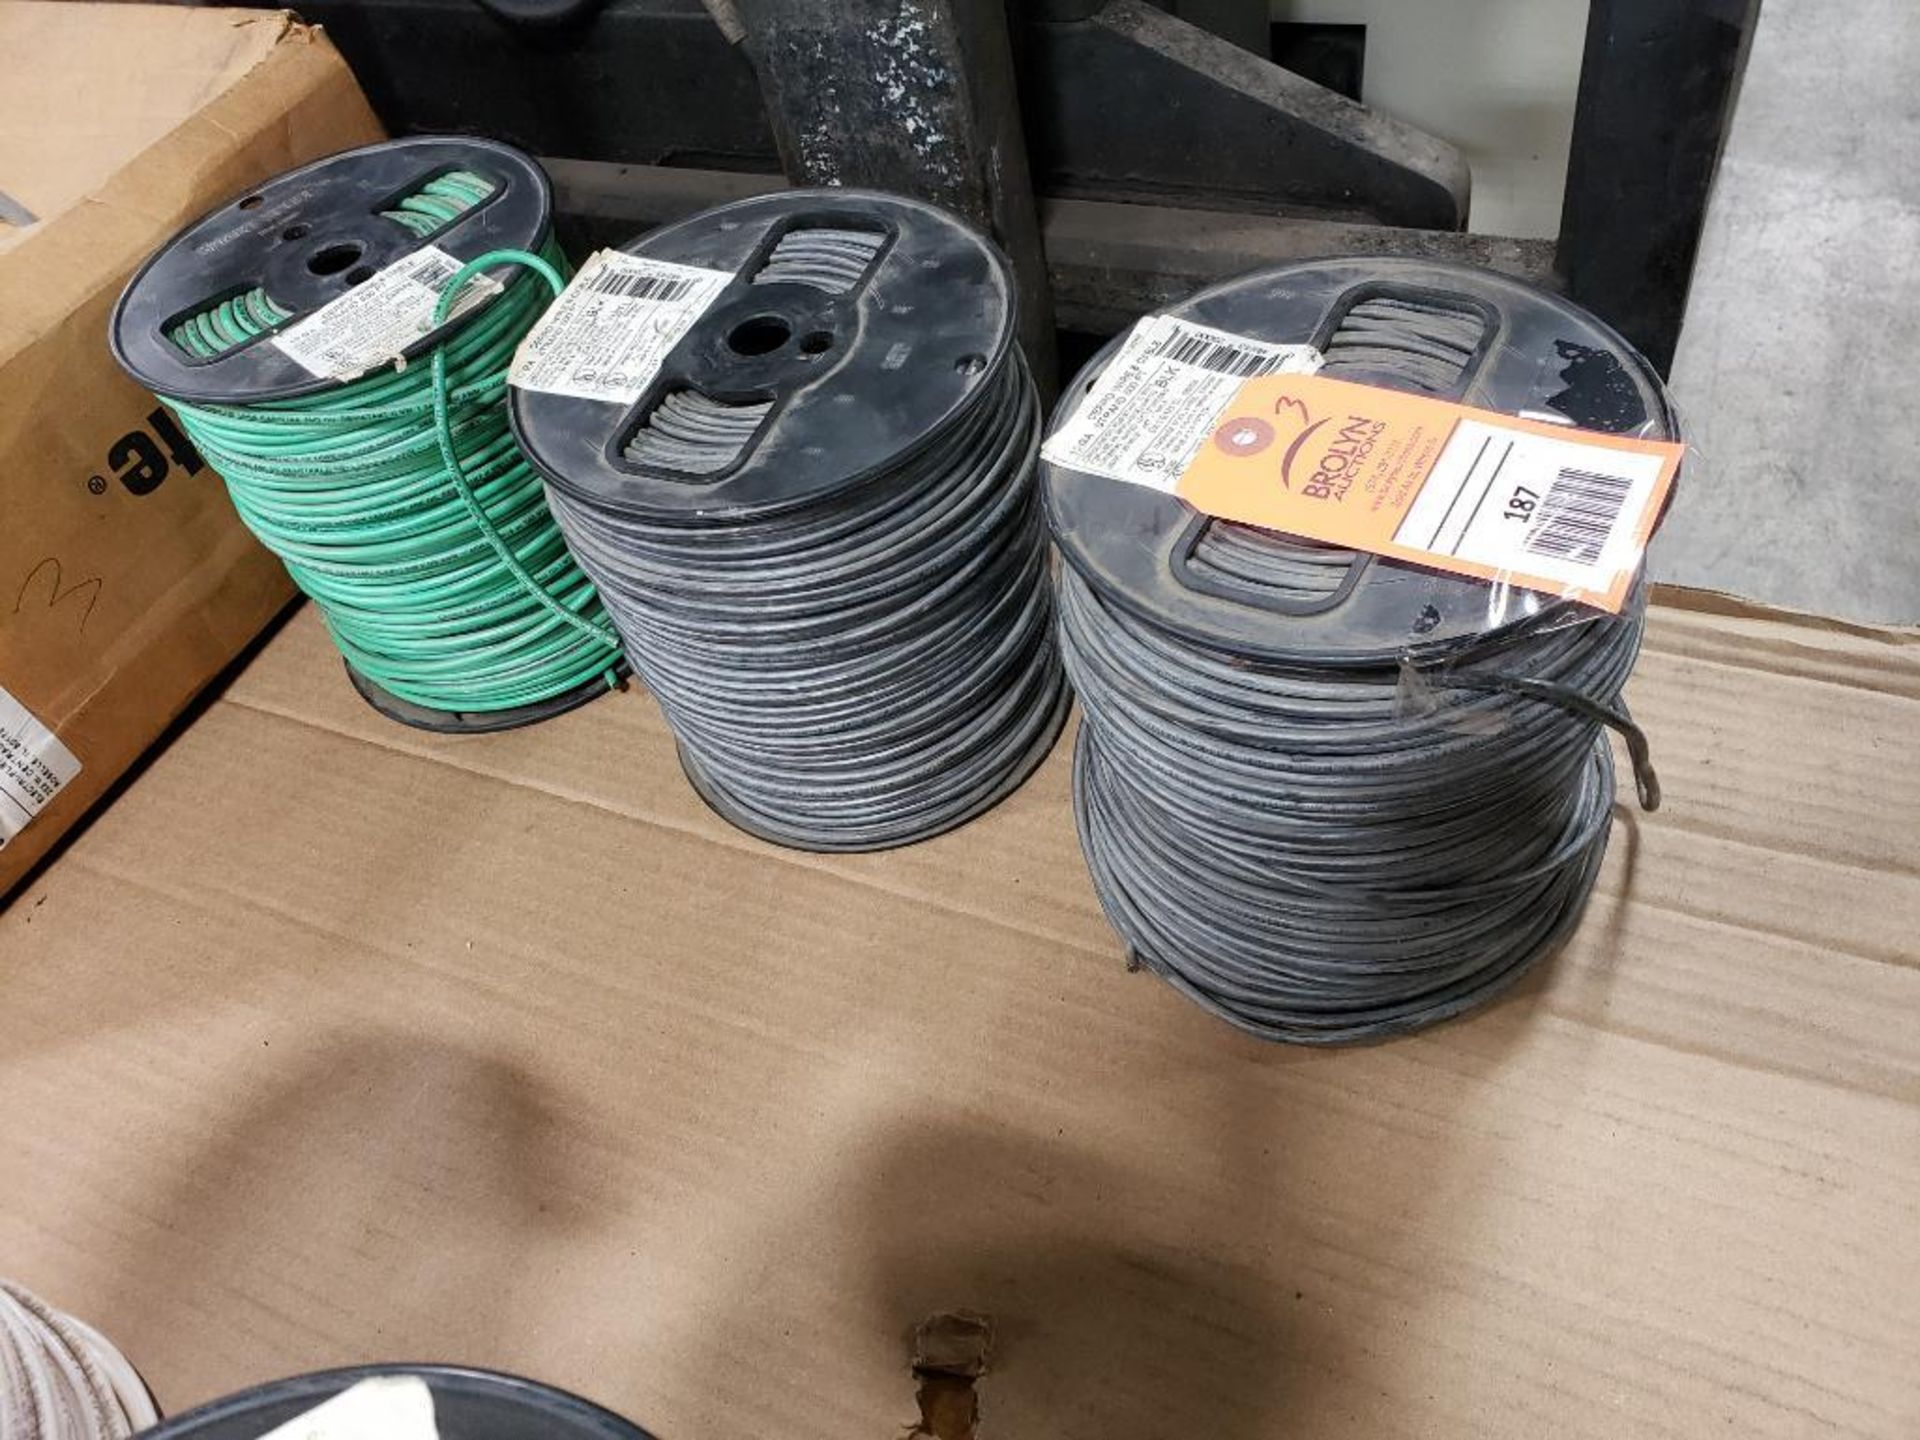 Qty 3 - Spool of CERRO contractor wire. 10GA-Black, 10GA-Green. - Image 5 of 5